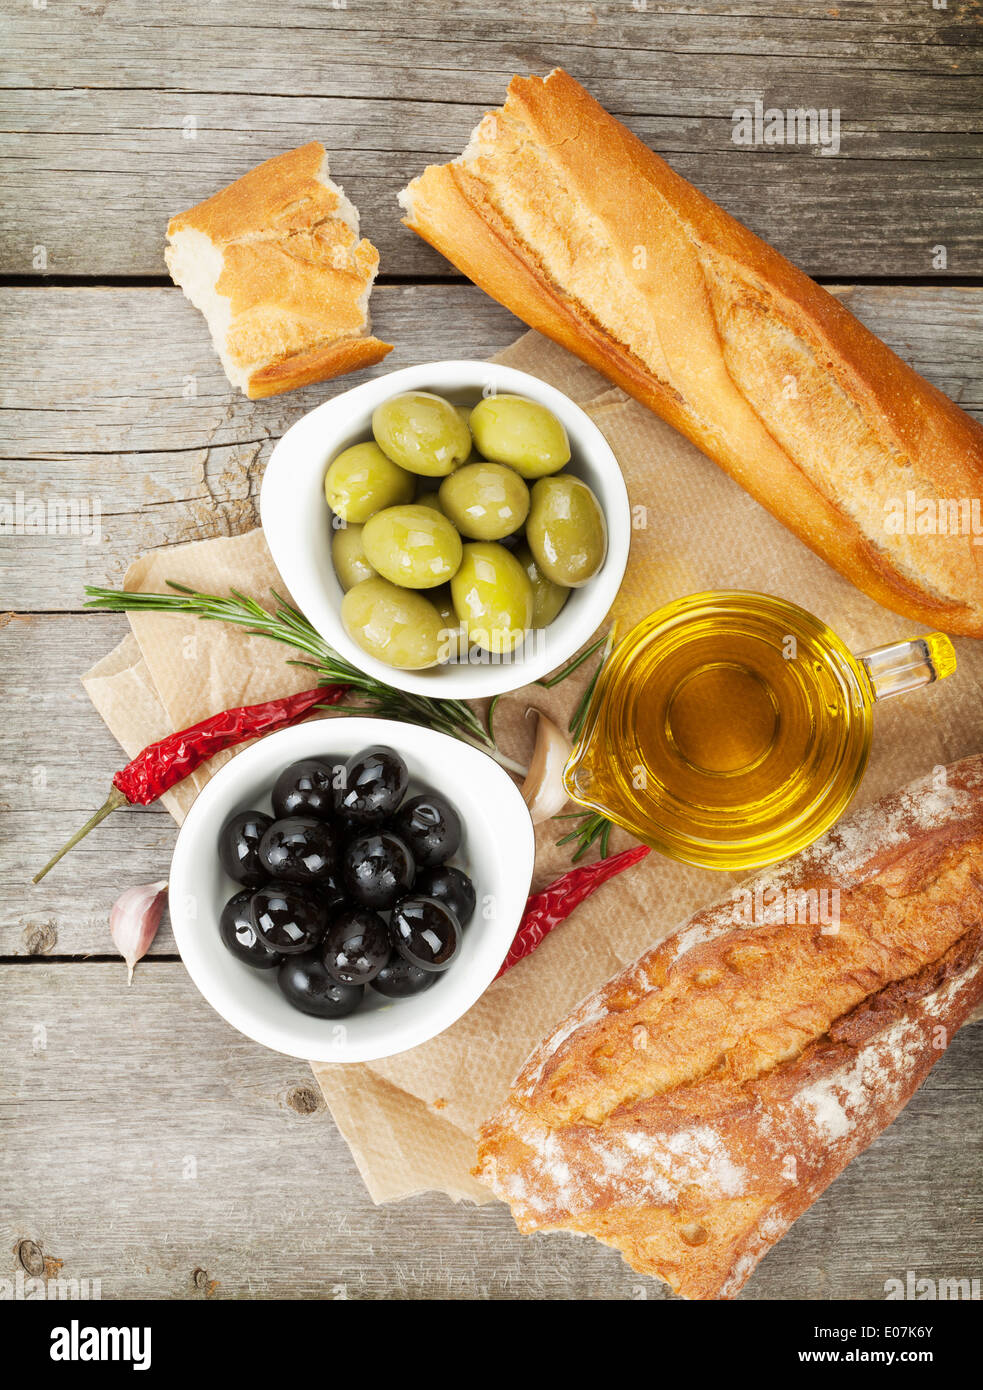 Italienisches Essen Vorspeise von Oliven, Brot und Gewürzen auf Holztisch Hintergrund Stockbild